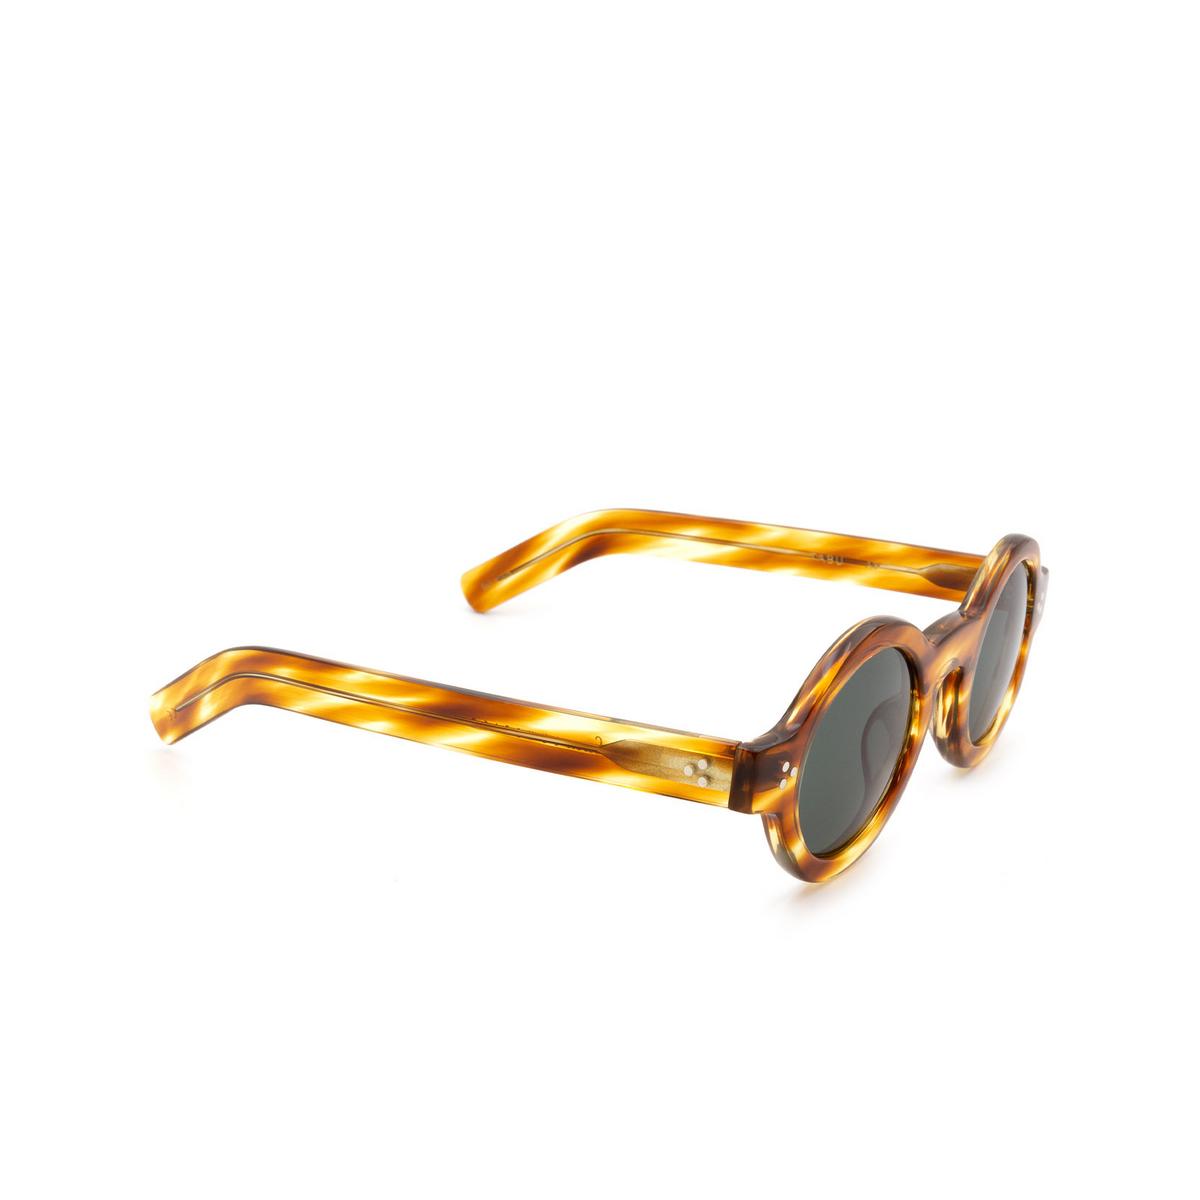 Lesca® Round Sunglasses: Tabu color Écaille Clair A8 - three-quarters view.